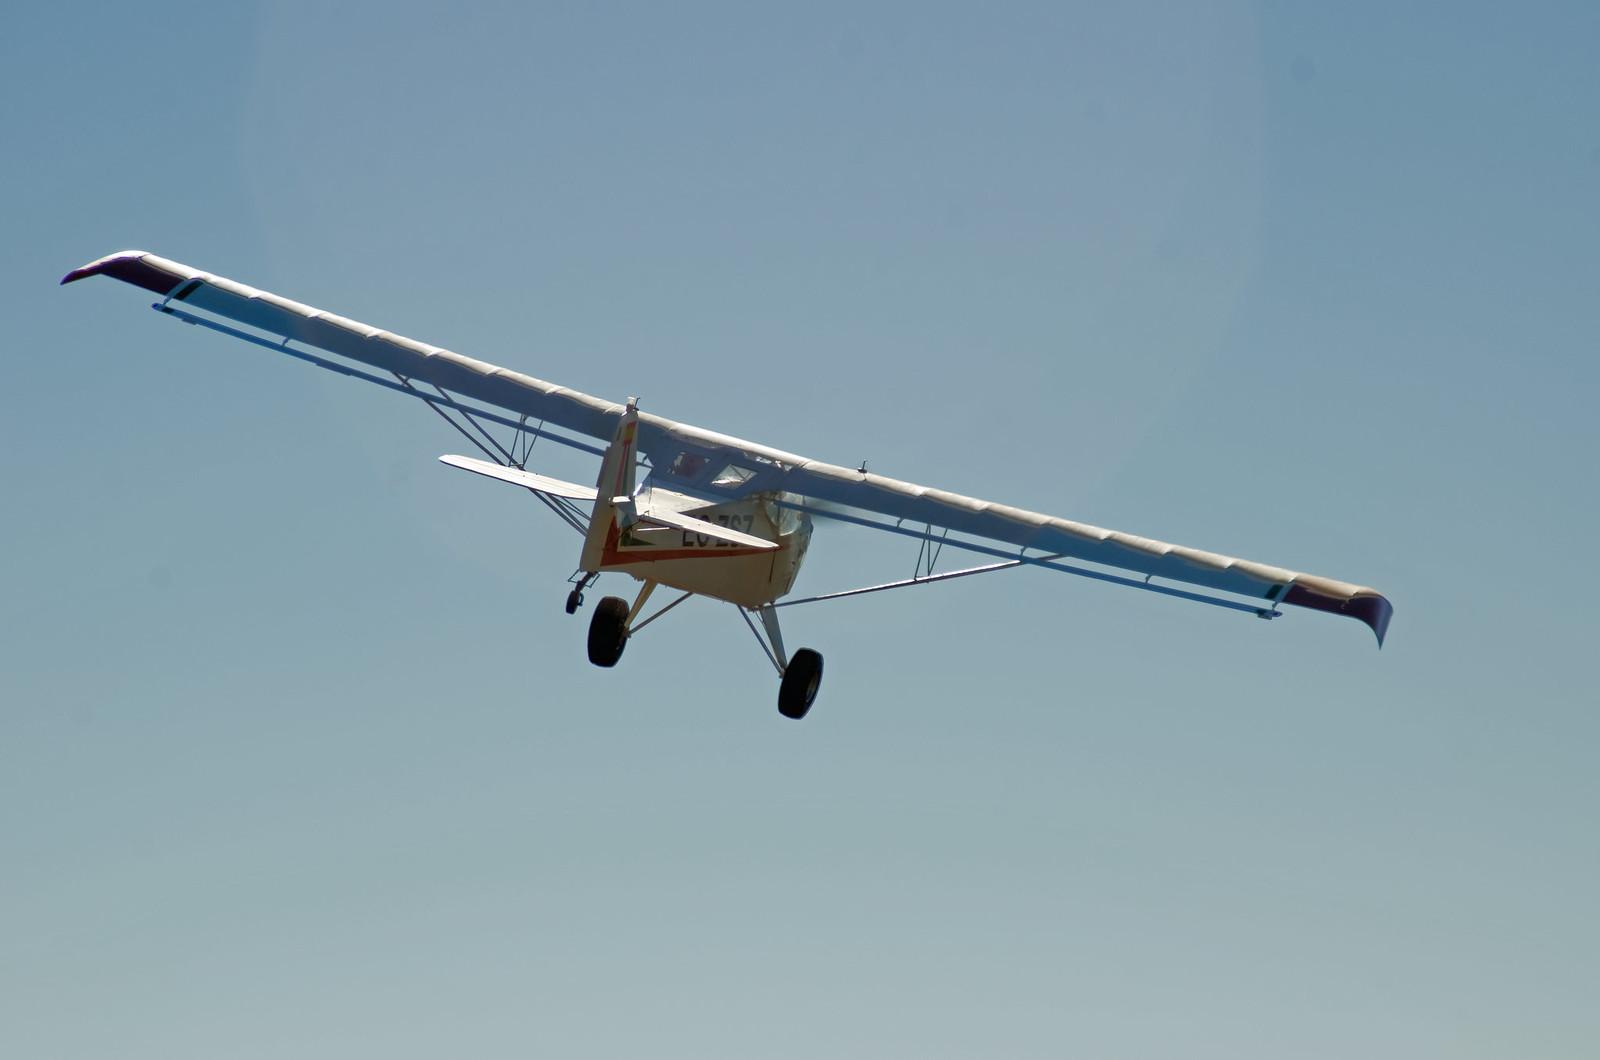 Vuelo Roberto Jabiru UL-450 Aerodromo Kitfox vuelo Astorga (144)